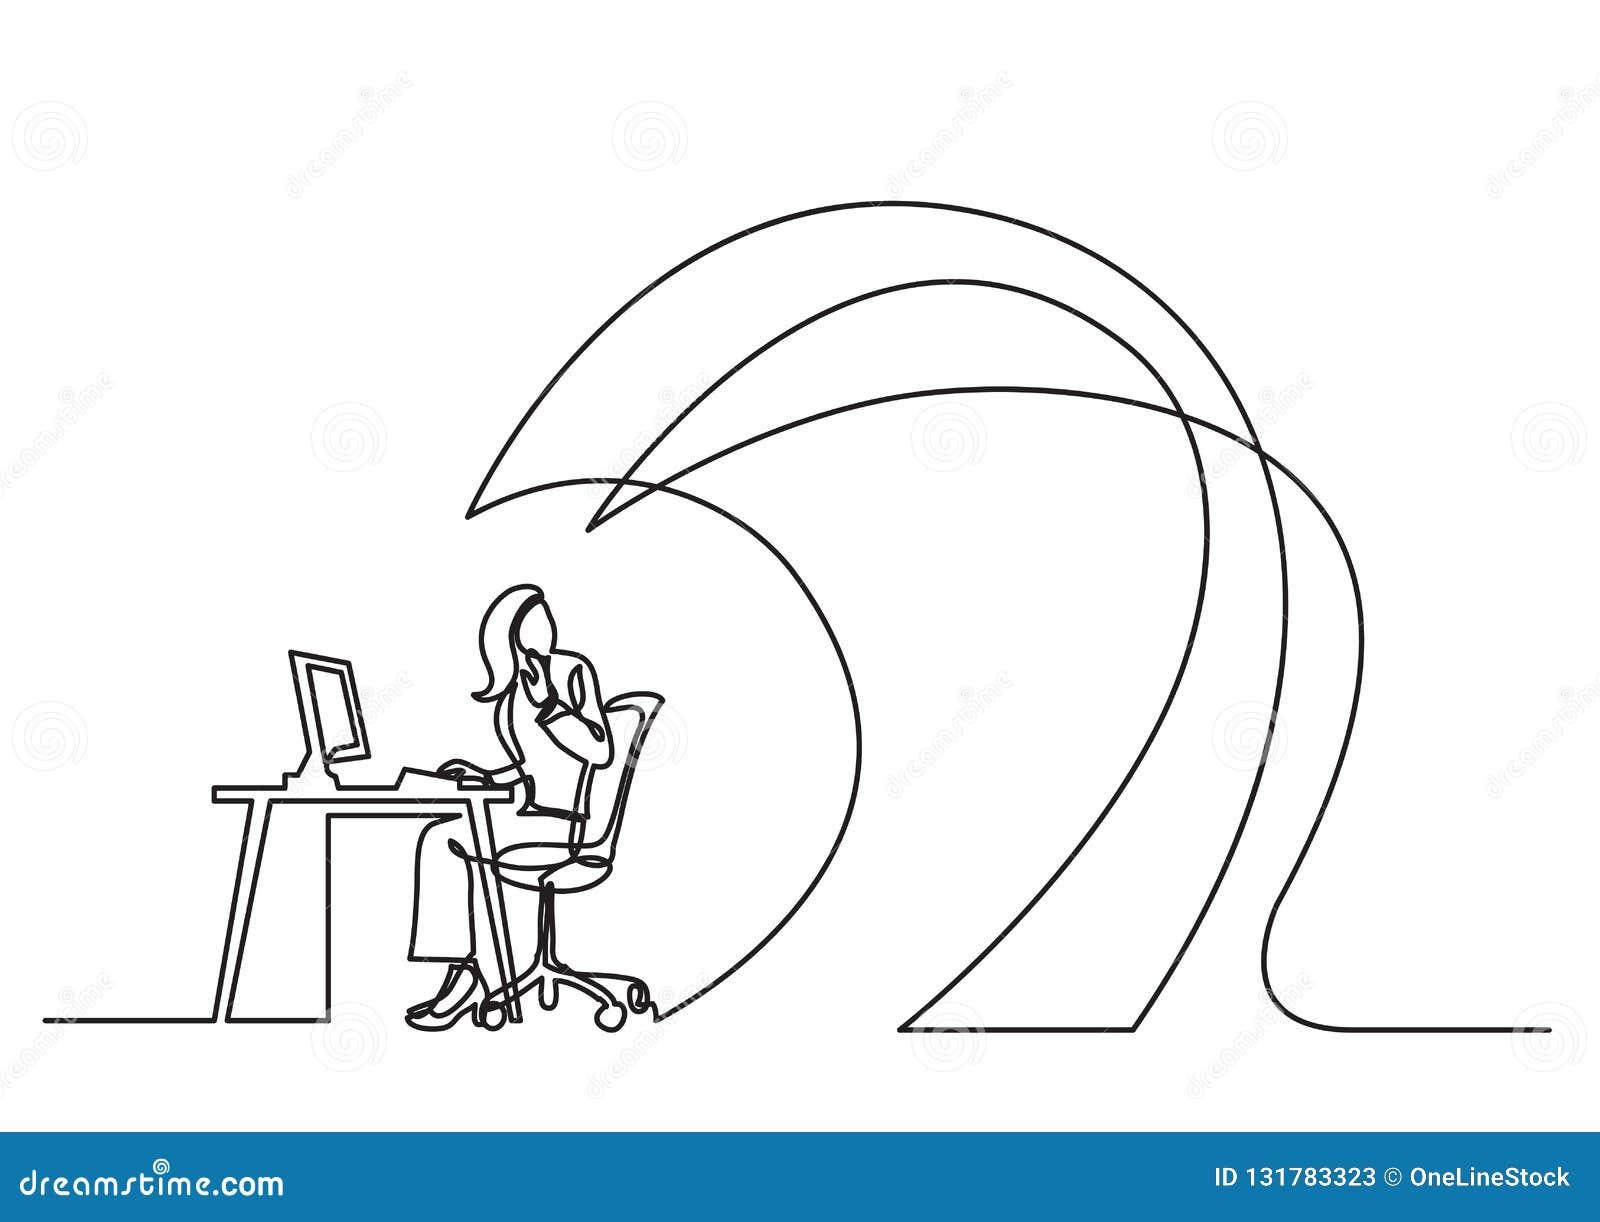 Dessin au trait continu de concept d affaires - employé de bureau sous des vagues de travail